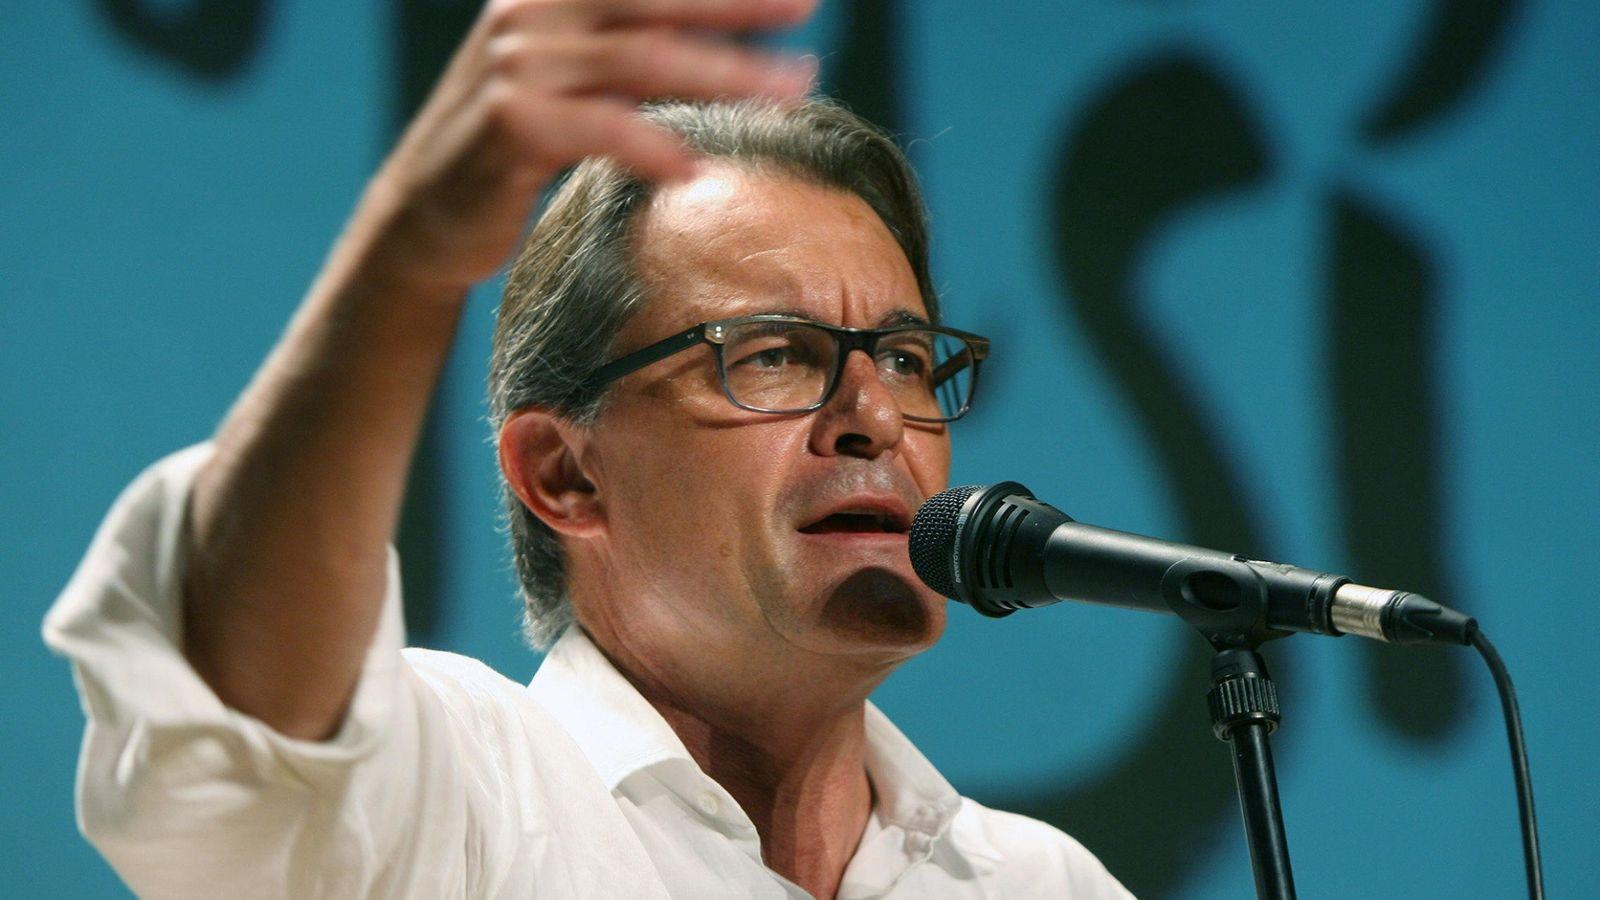 Foto: Artur Mas durante el acto de presentación de los candidatos de Juns pel Si en Valls. (Efe)